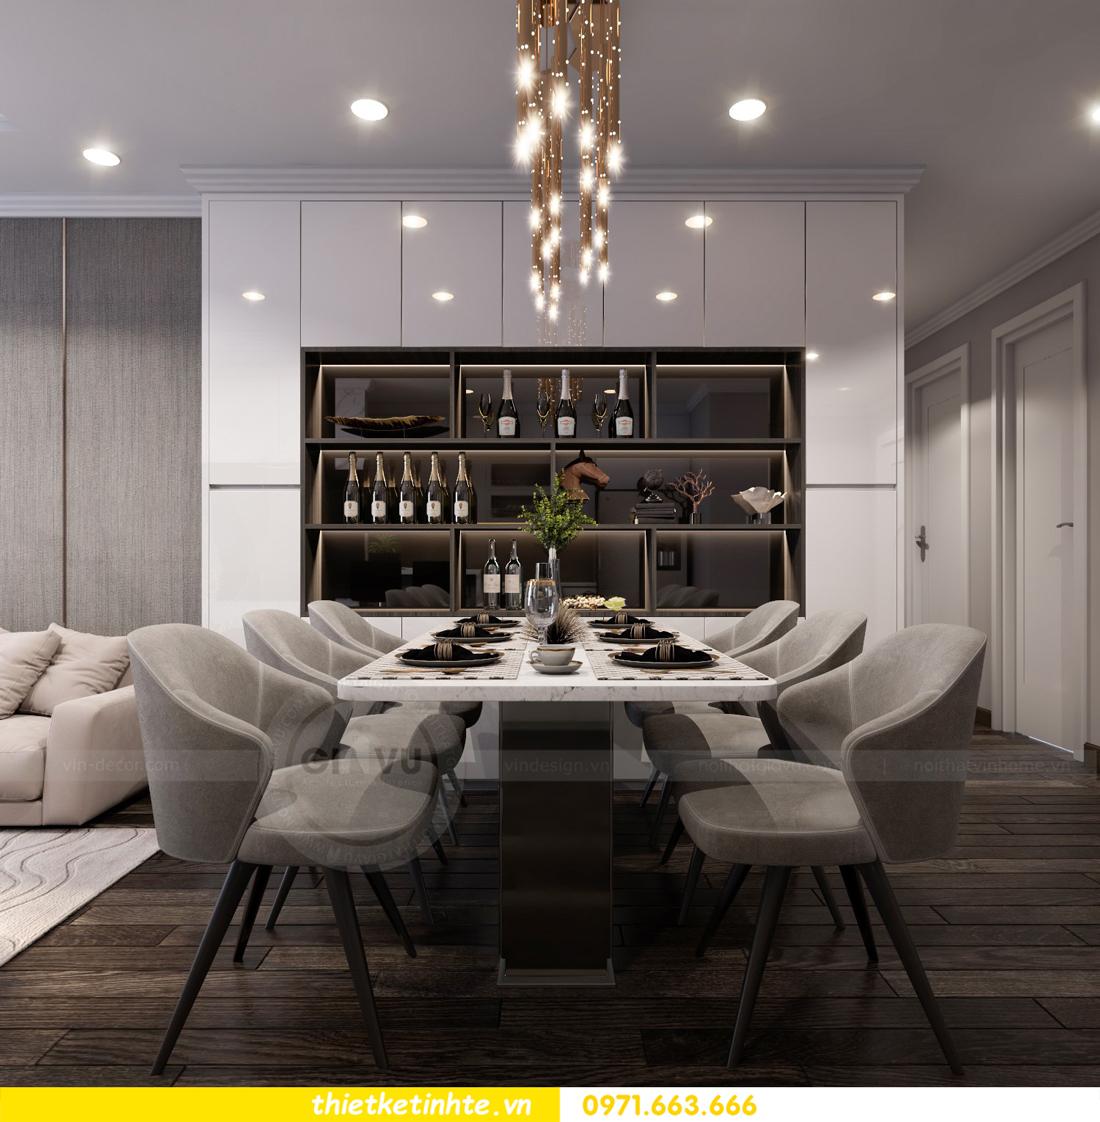 thiết kế nội thất Vinhomes Gardenia căn hộ 11 tòa A3 03